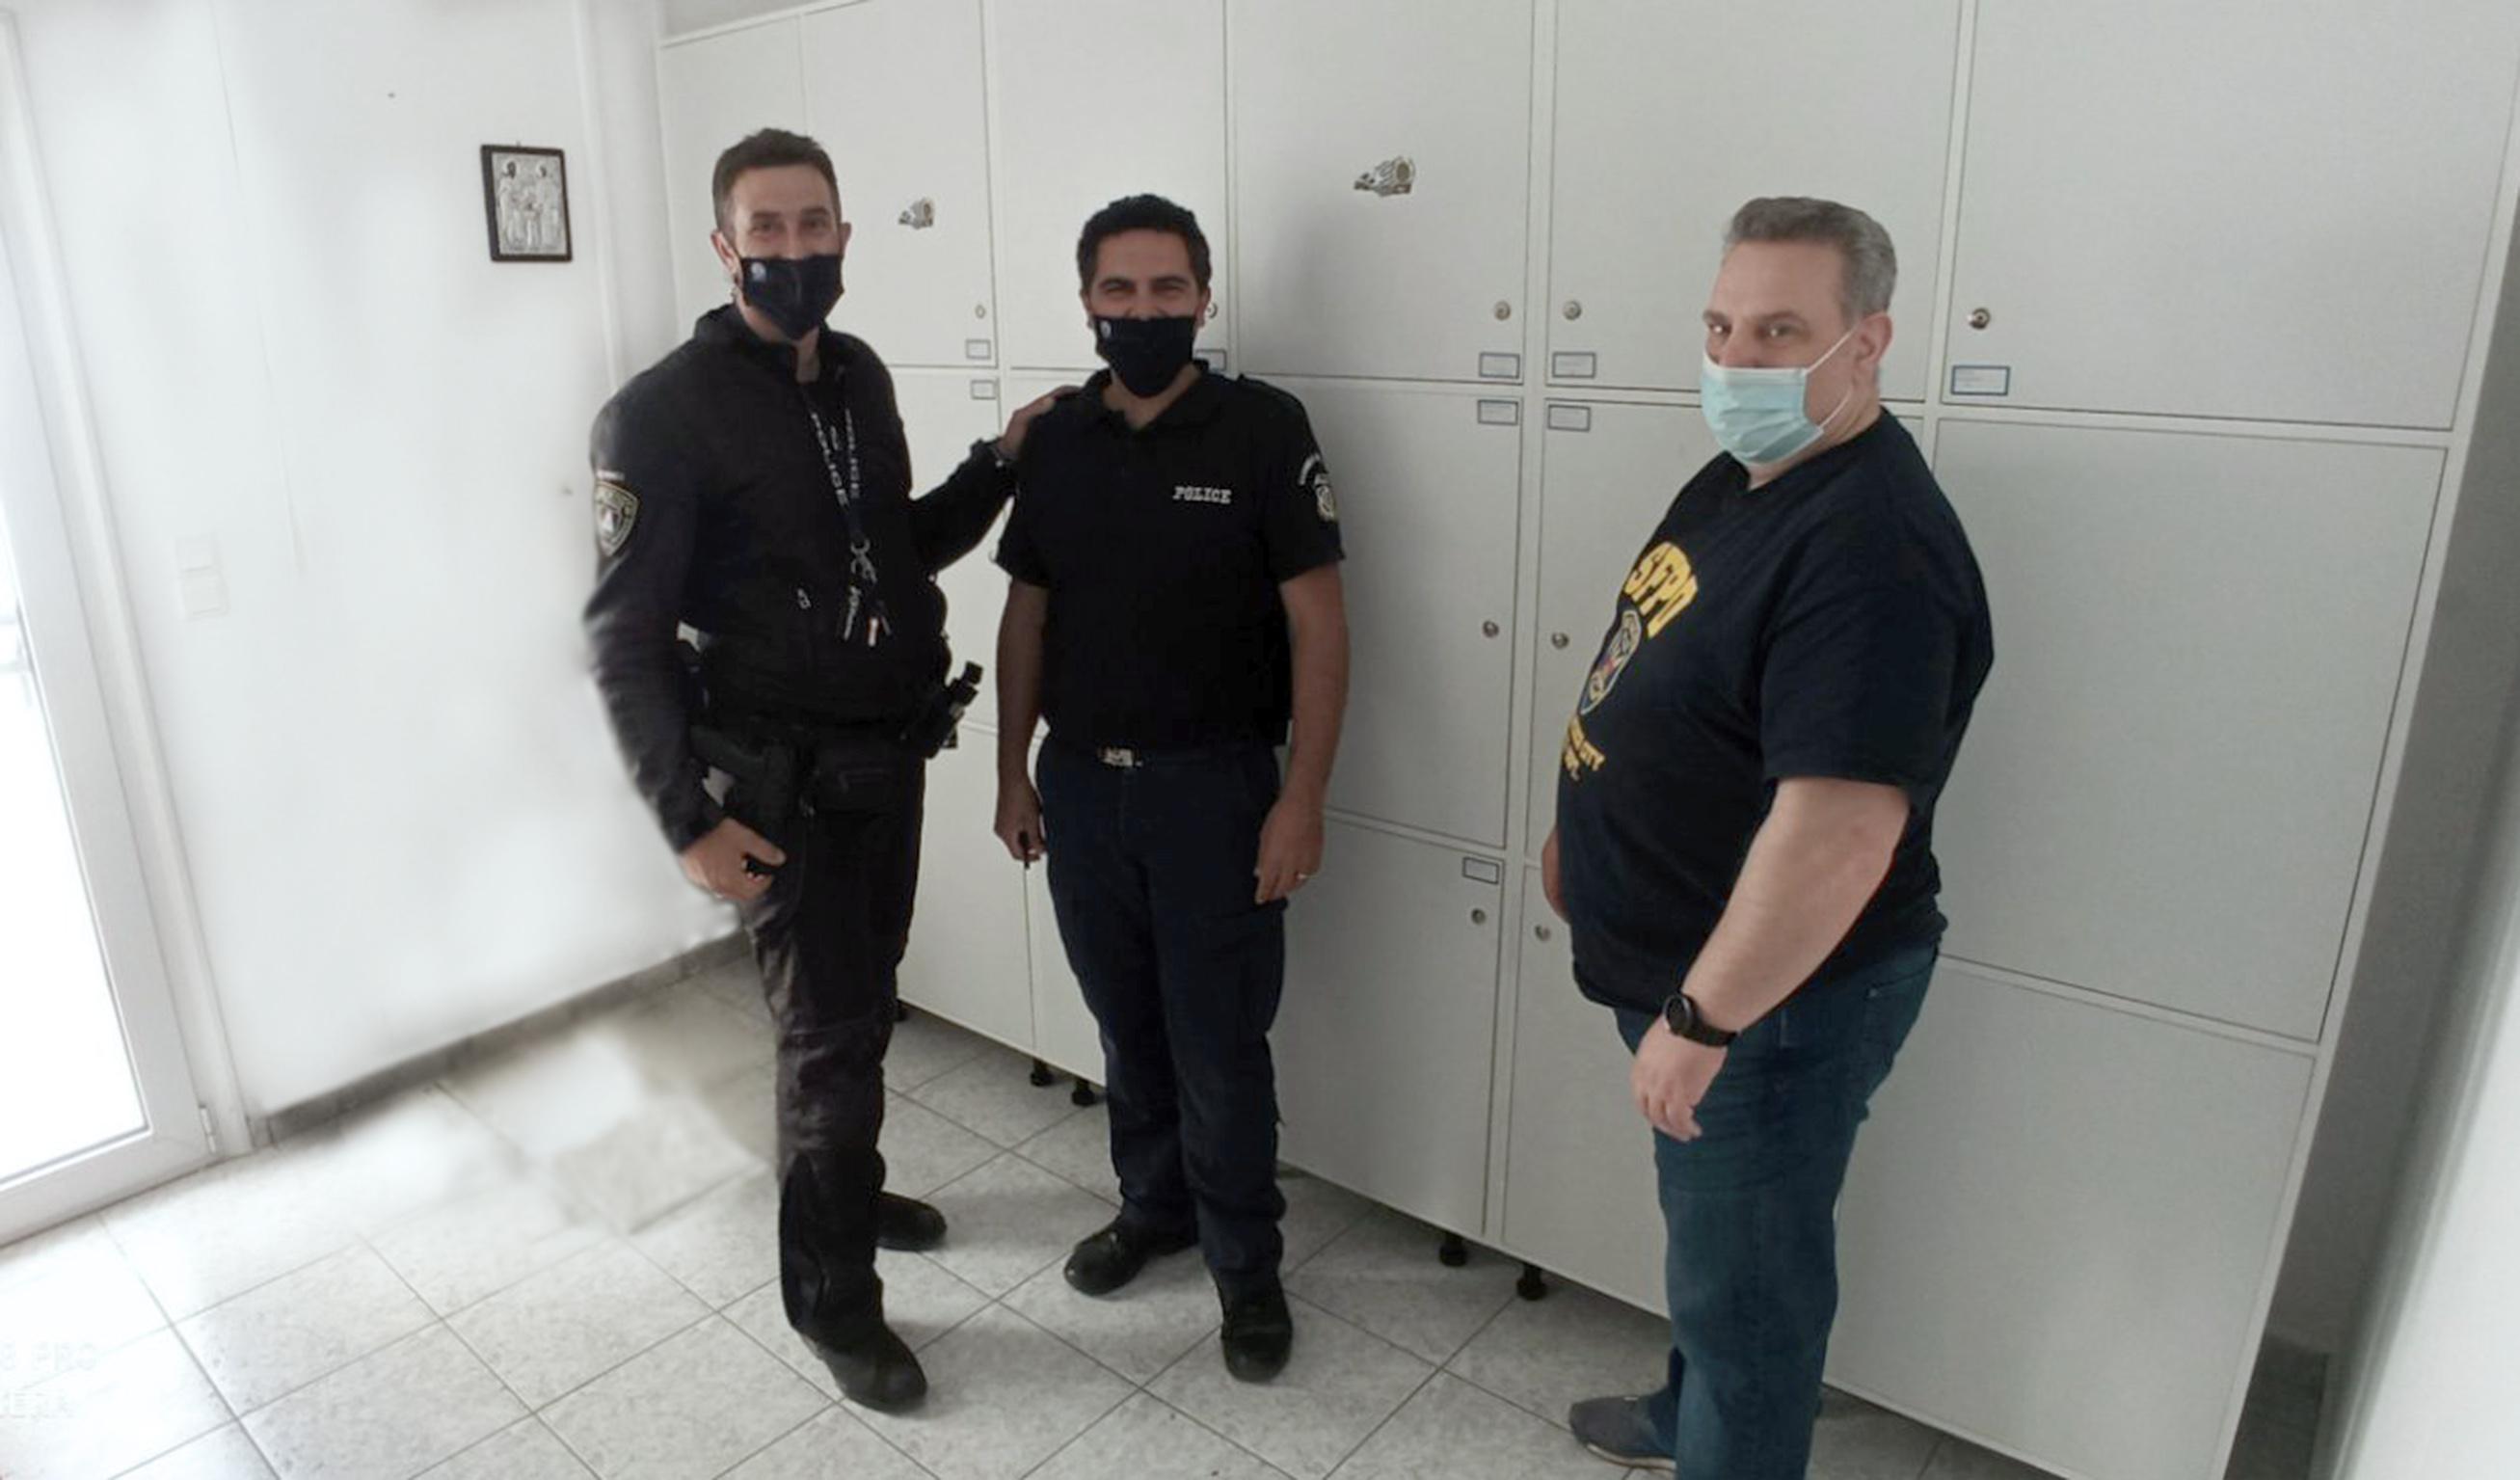 Δωρεά στο Αστυνομικό Τμήμα Αγίου Νικολάου για κατασκευή ερμαρίων